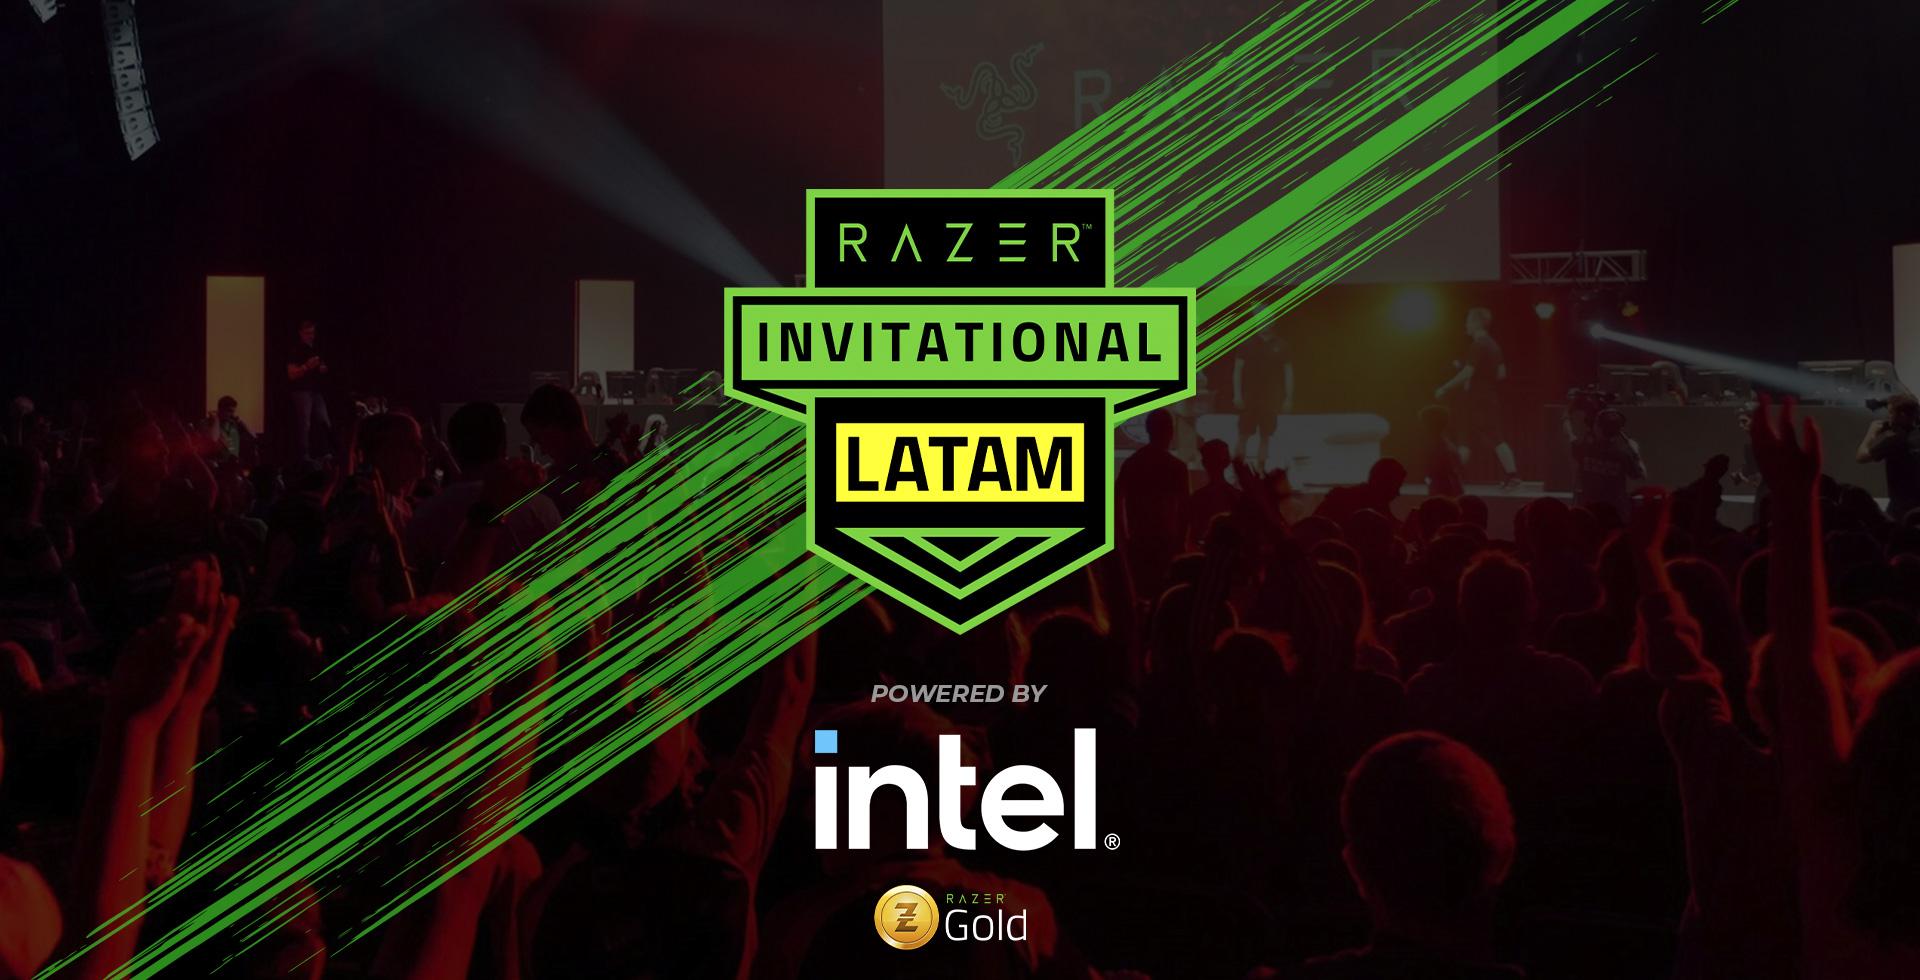 Foto de Se anuncian torneos de Free Fire y CS:GO en el próximo Razer Invitational – Latam